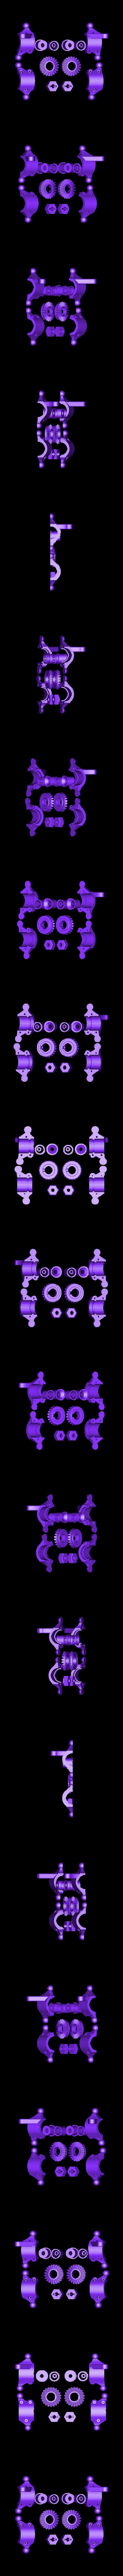 Upgradefrontshaft01.stl Download free STL file Lynx - Fully 3D-printable 1/10 4wd buggy • Object to 3D print, tahustvedt